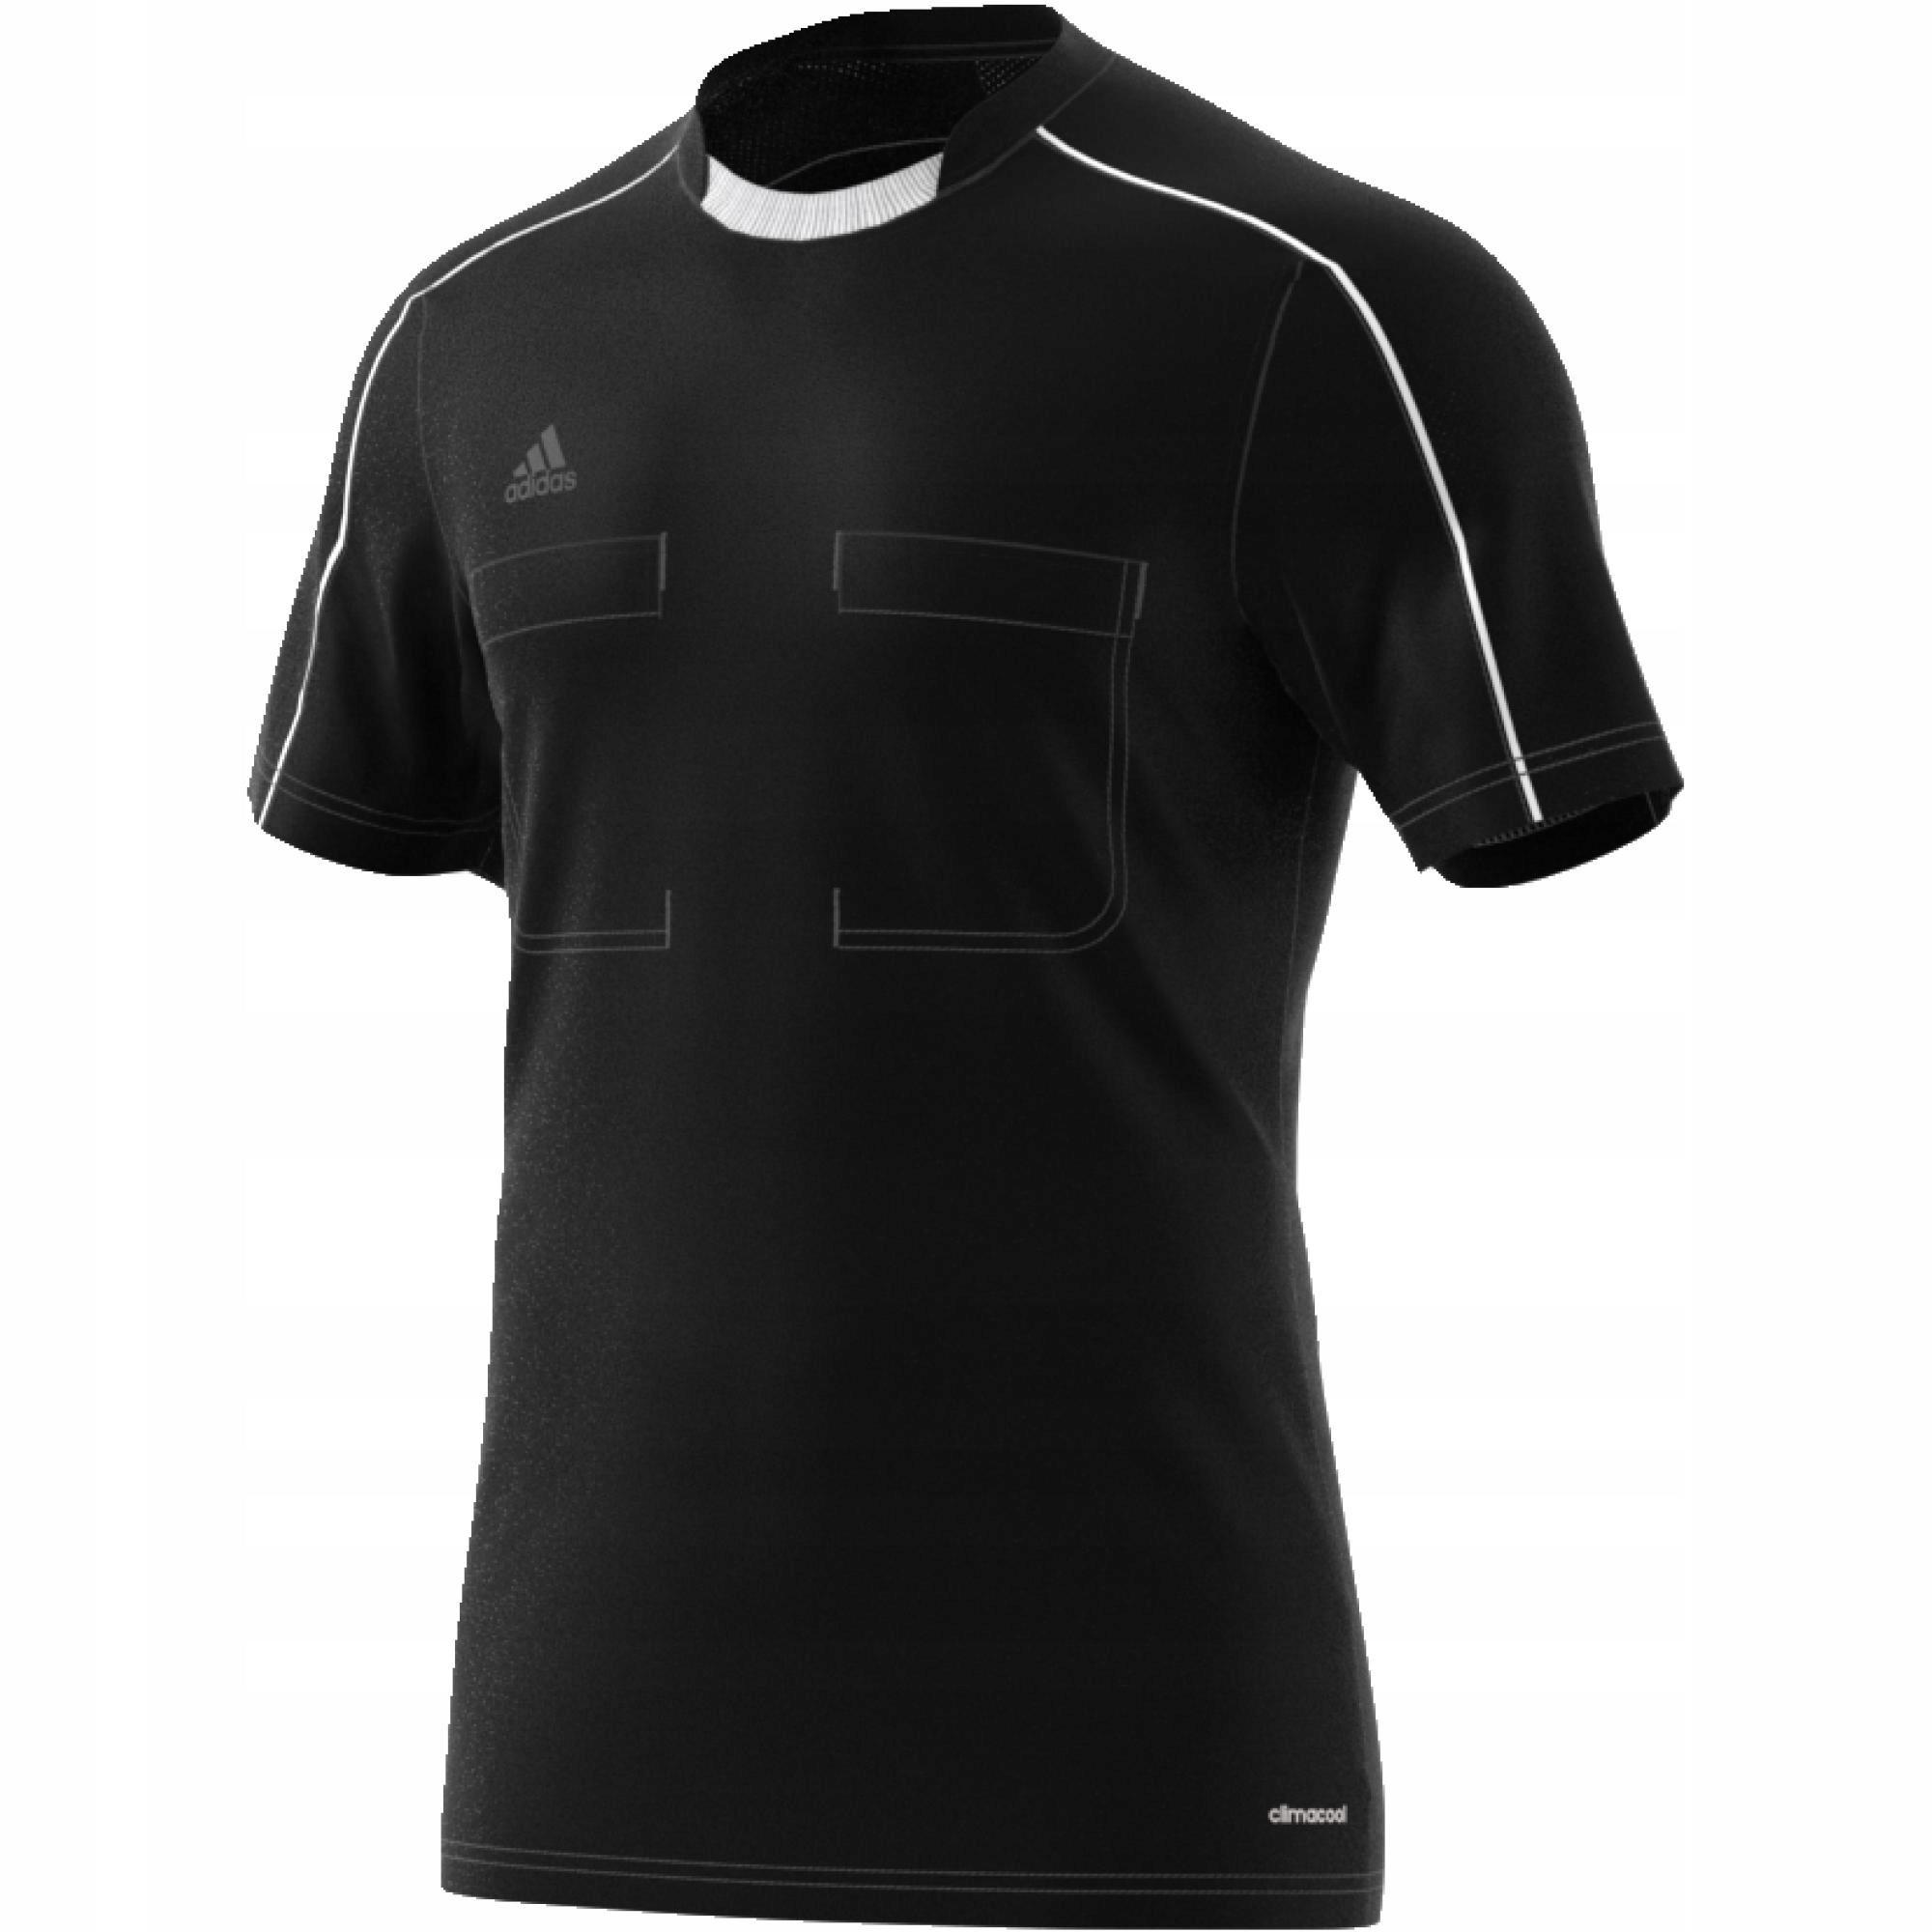 Koszulka męska adidas sędziowska AJ5917 XL